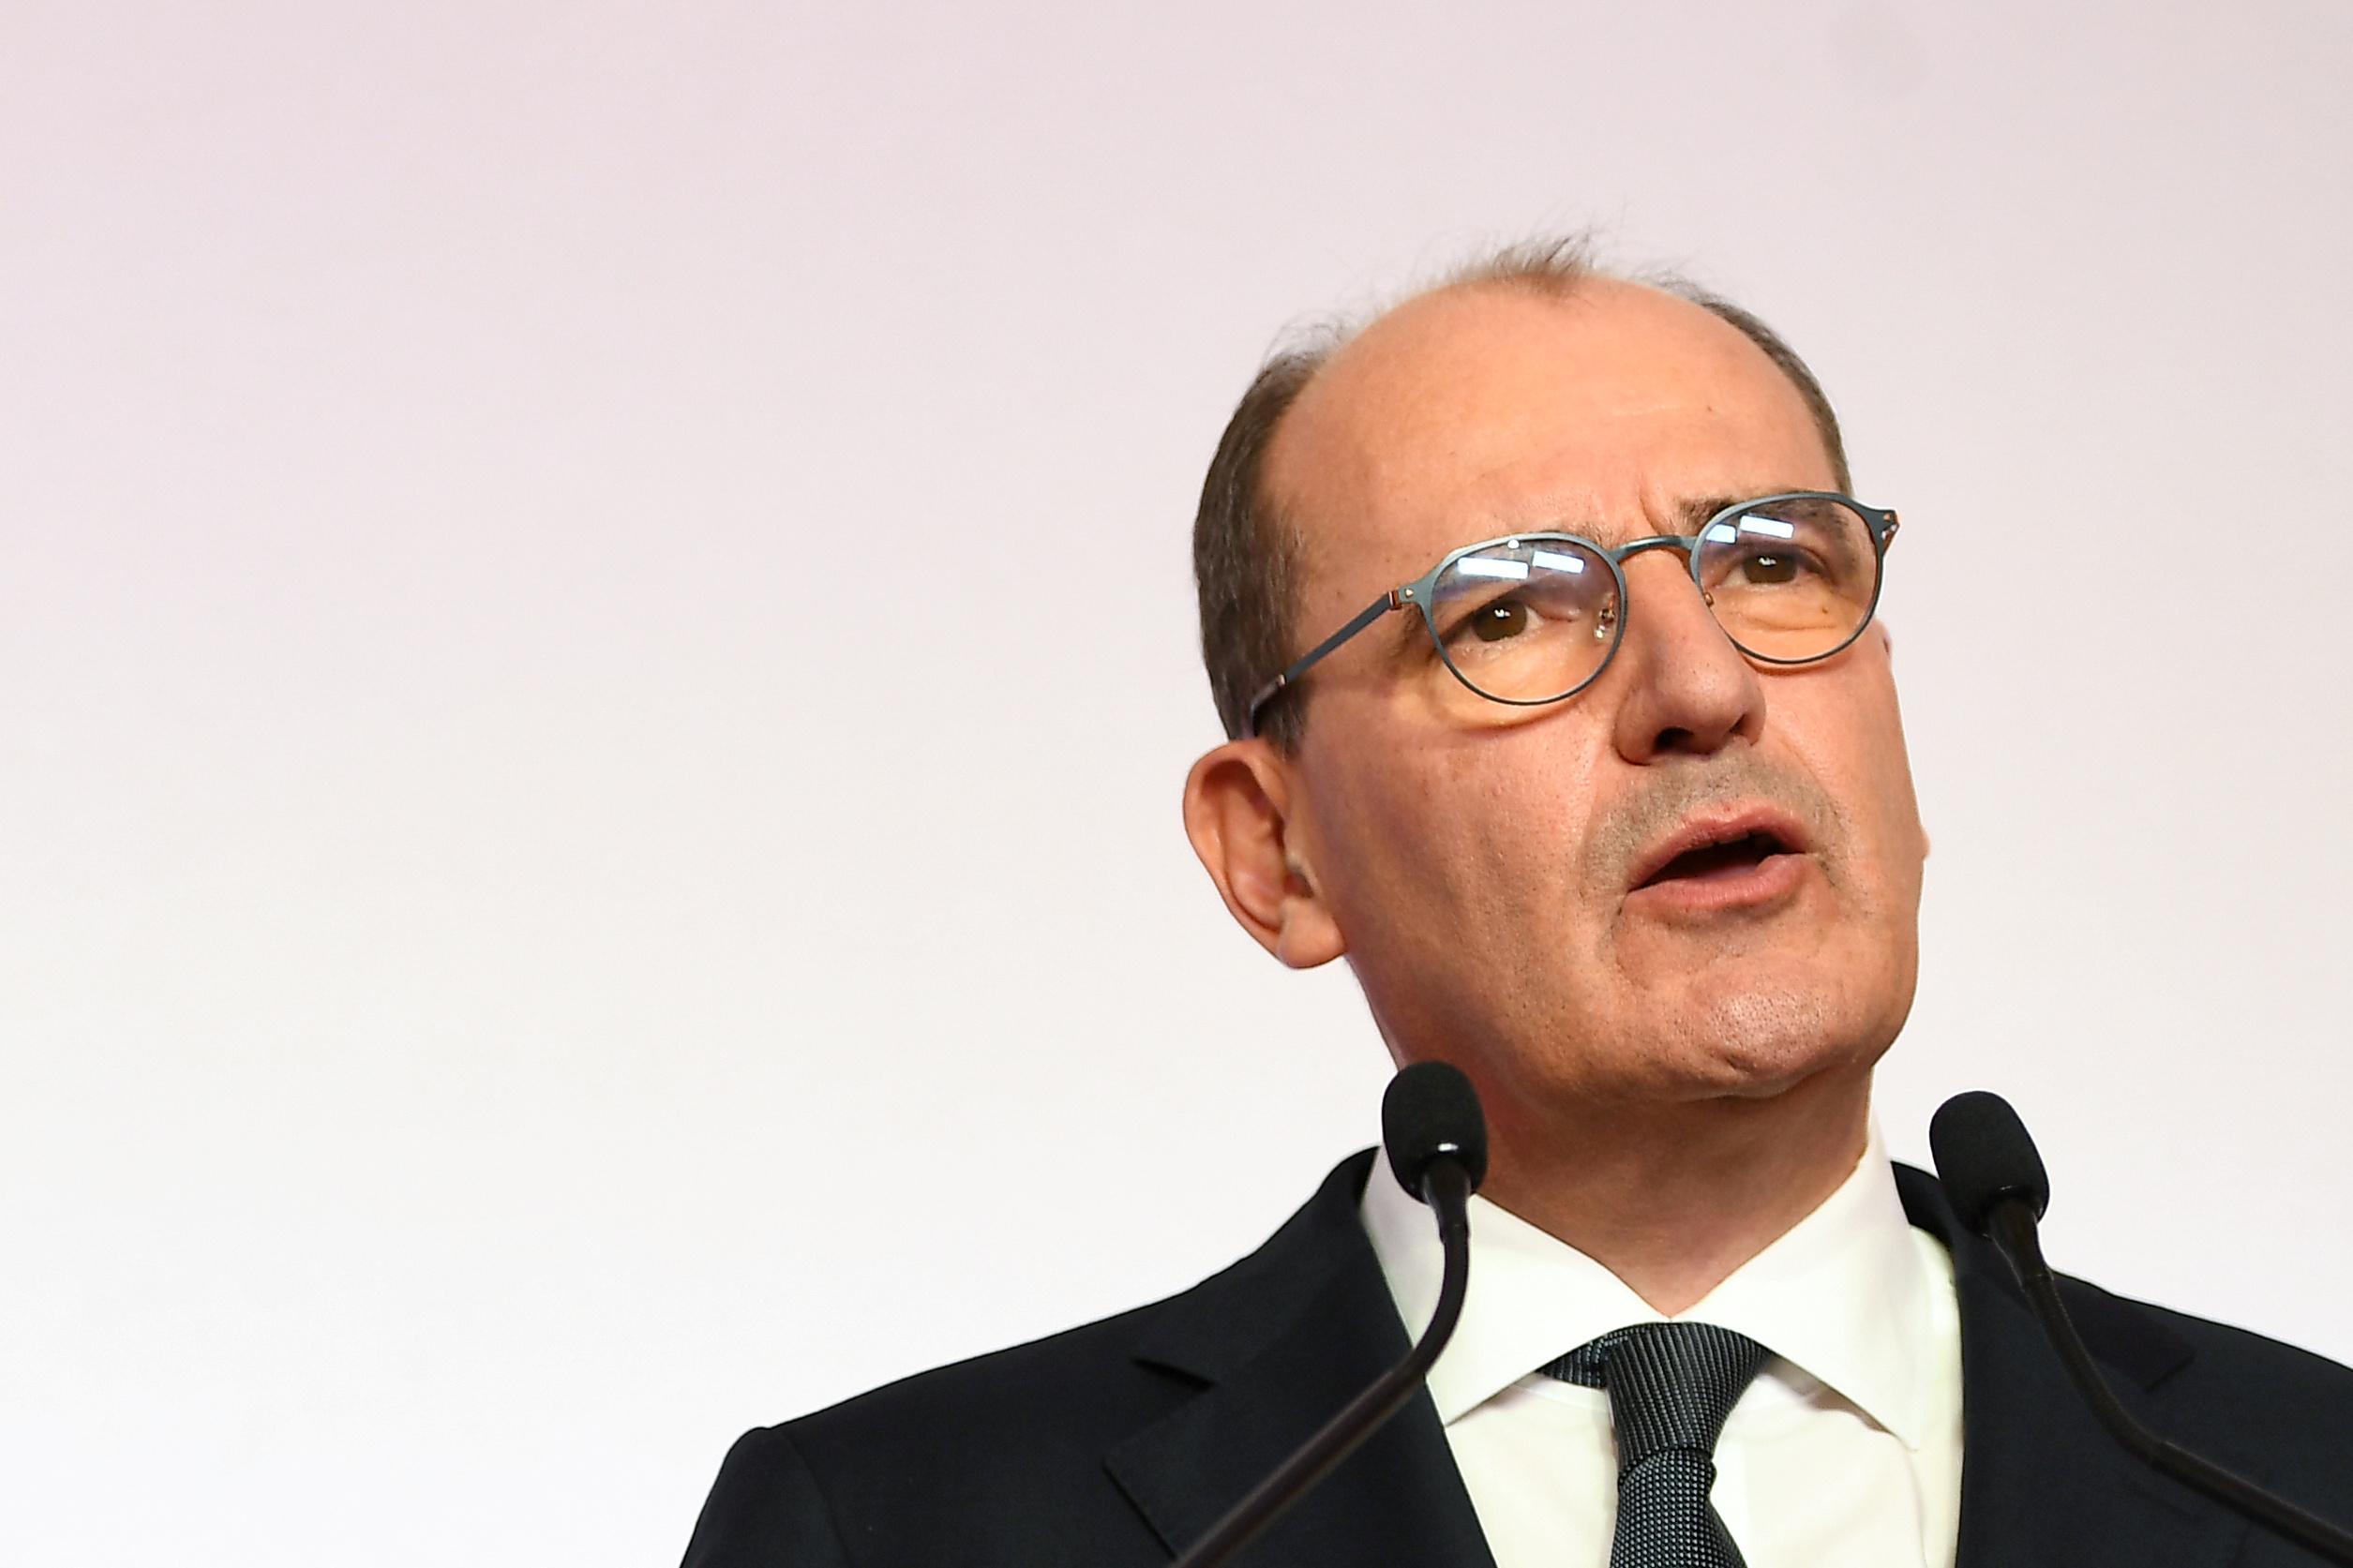 La relance vise à éviter un effondrement économique, dit Castex